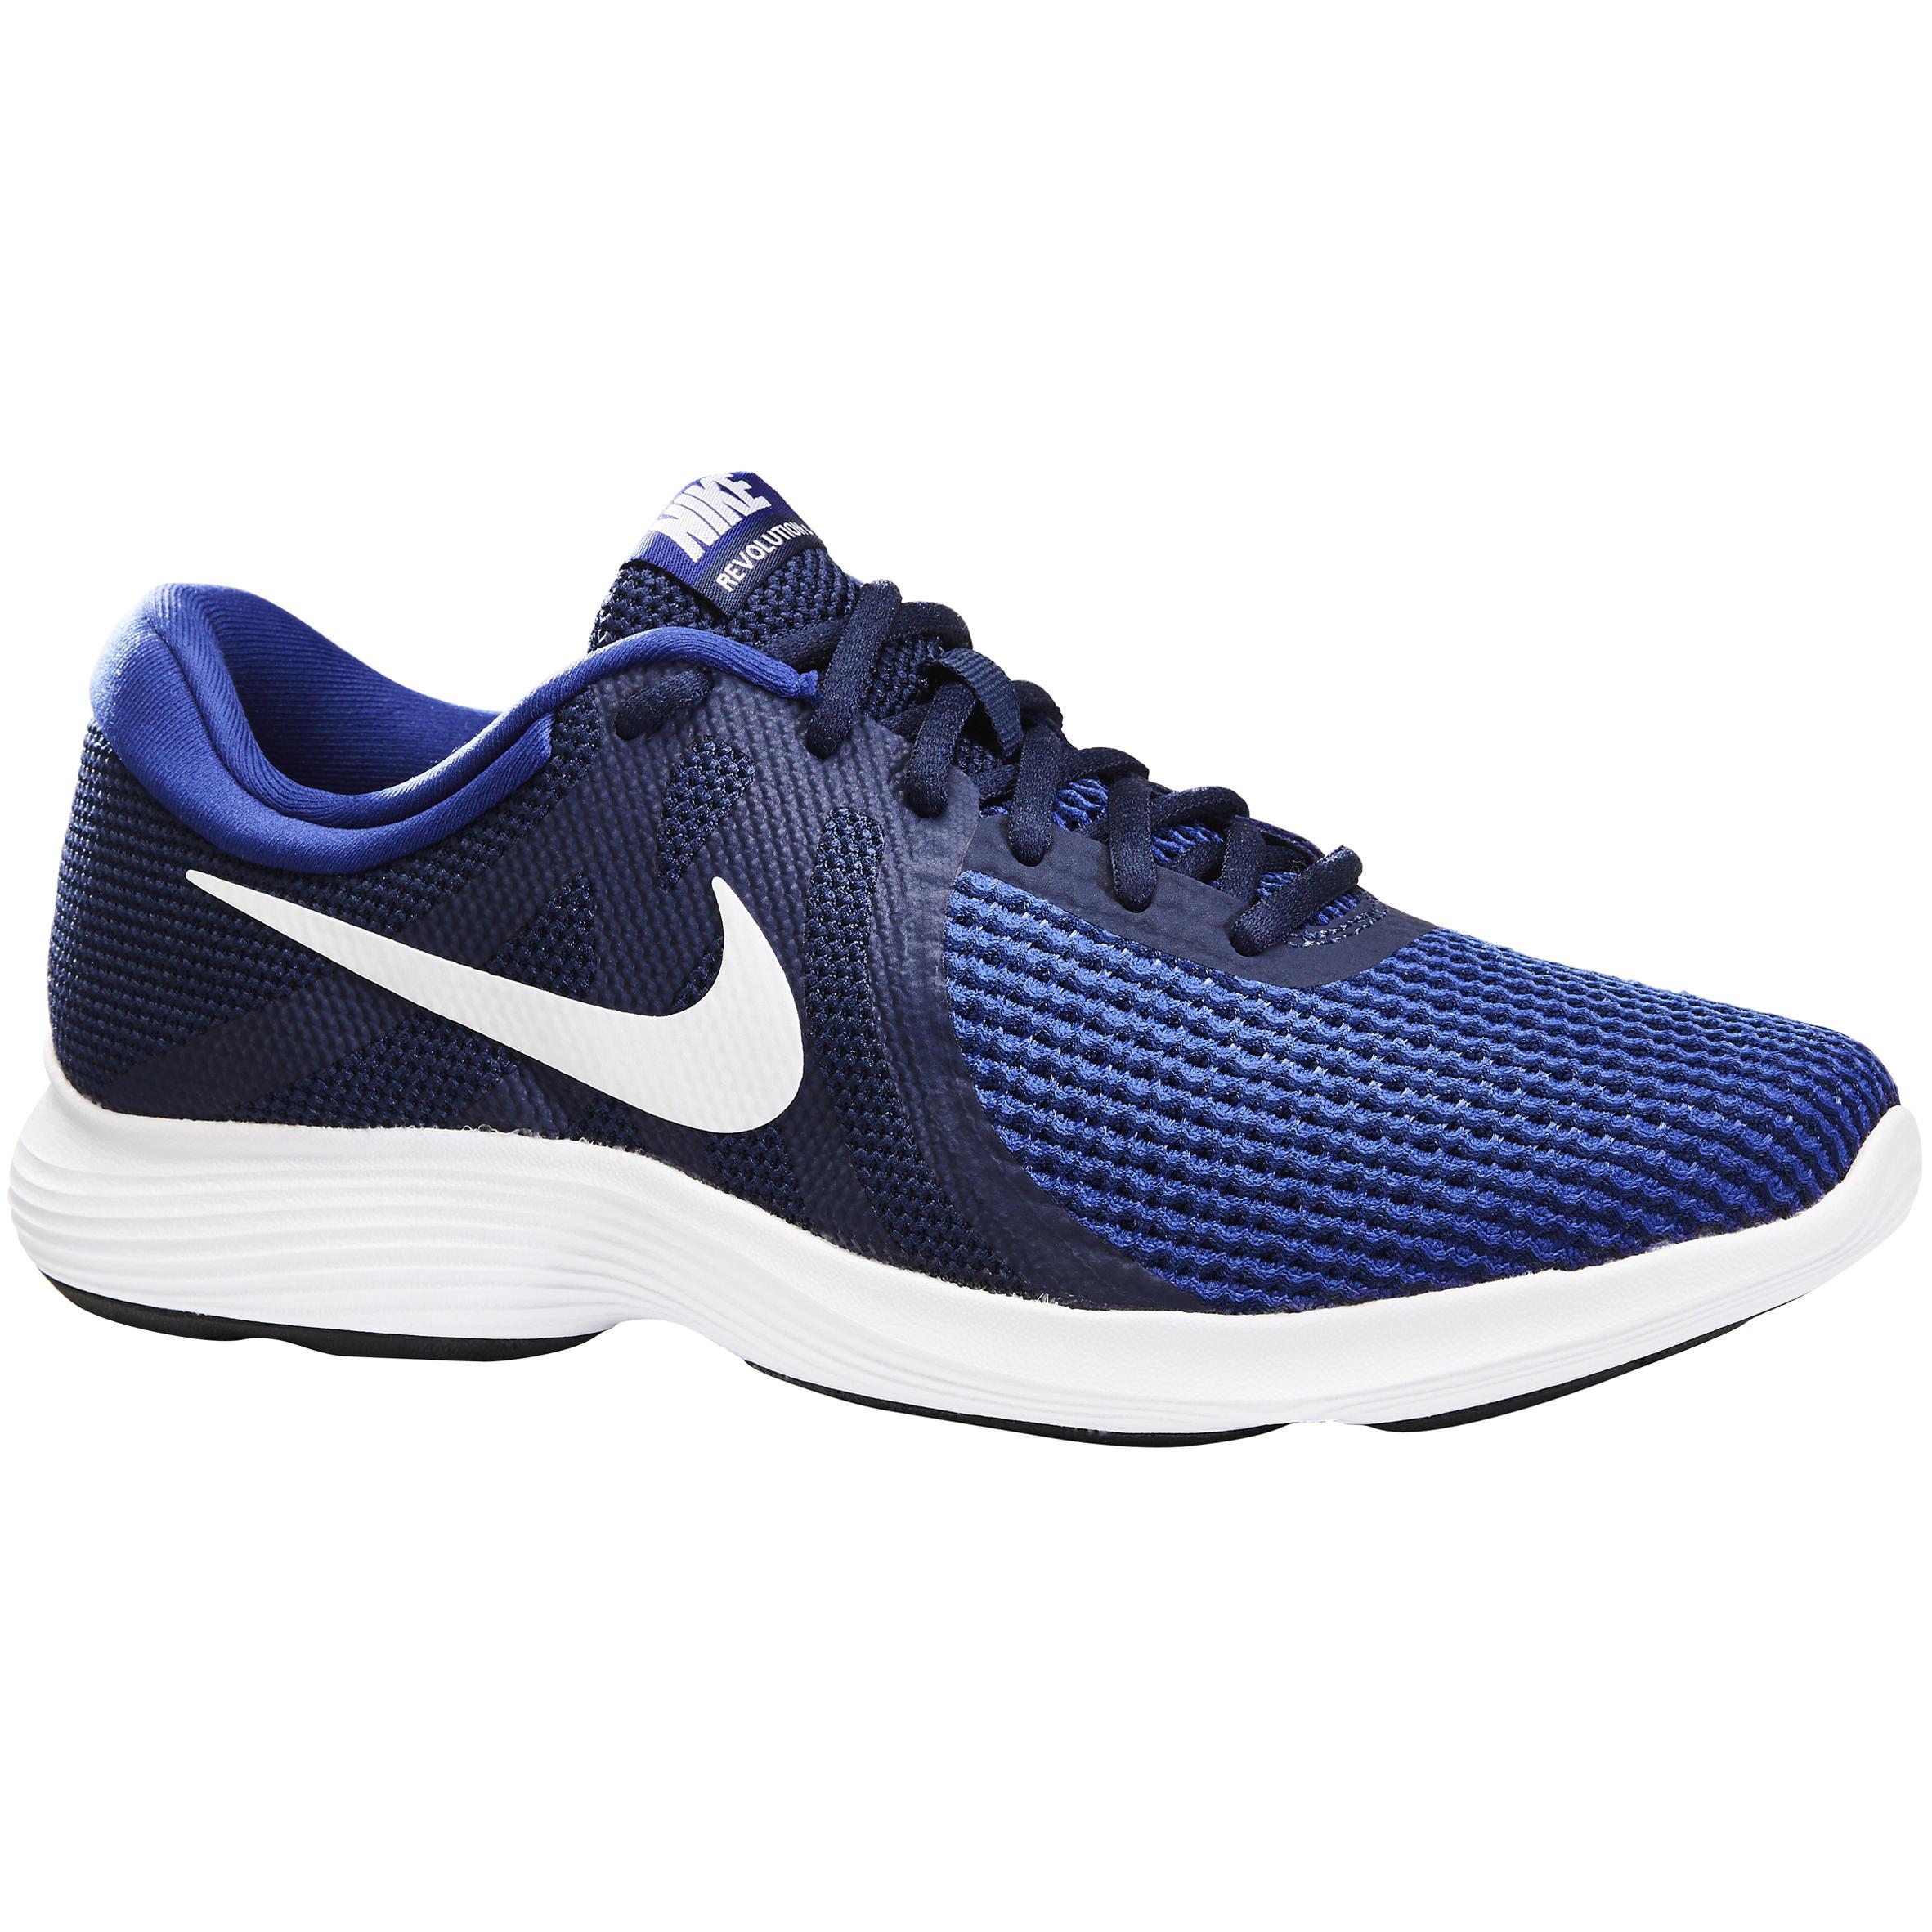 finest selection bd7e0 7fcb3 Comprar Zapatillas de Caminar para Hombre Online | Decathlon